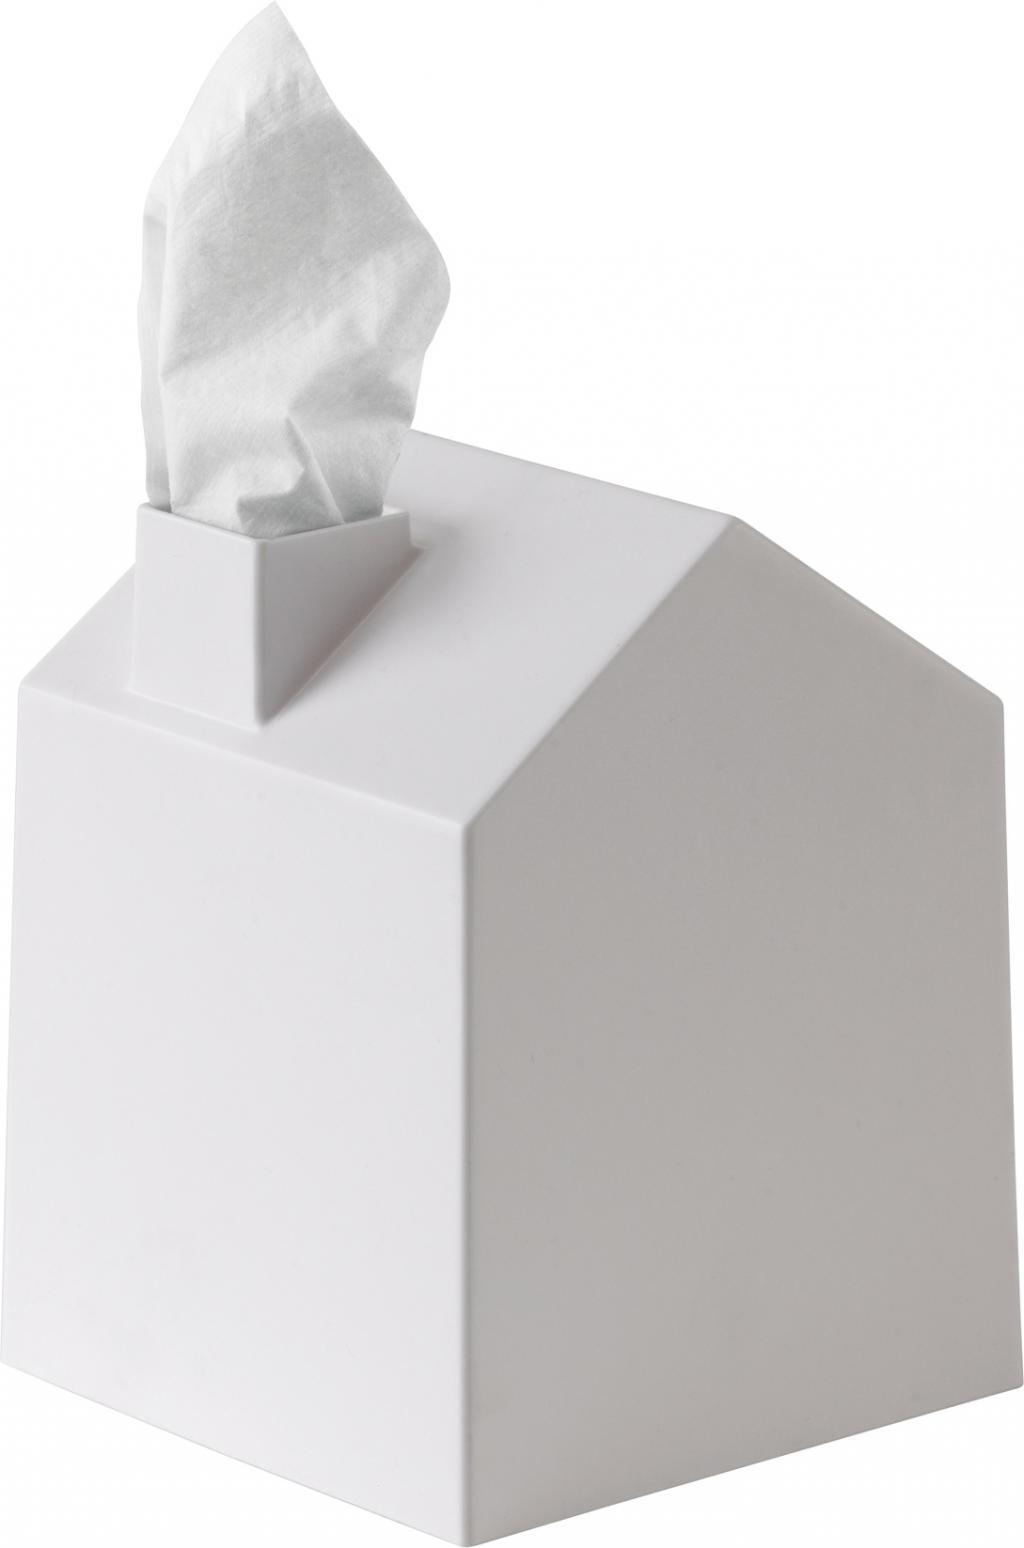 Umbra Tissue Cover € 5